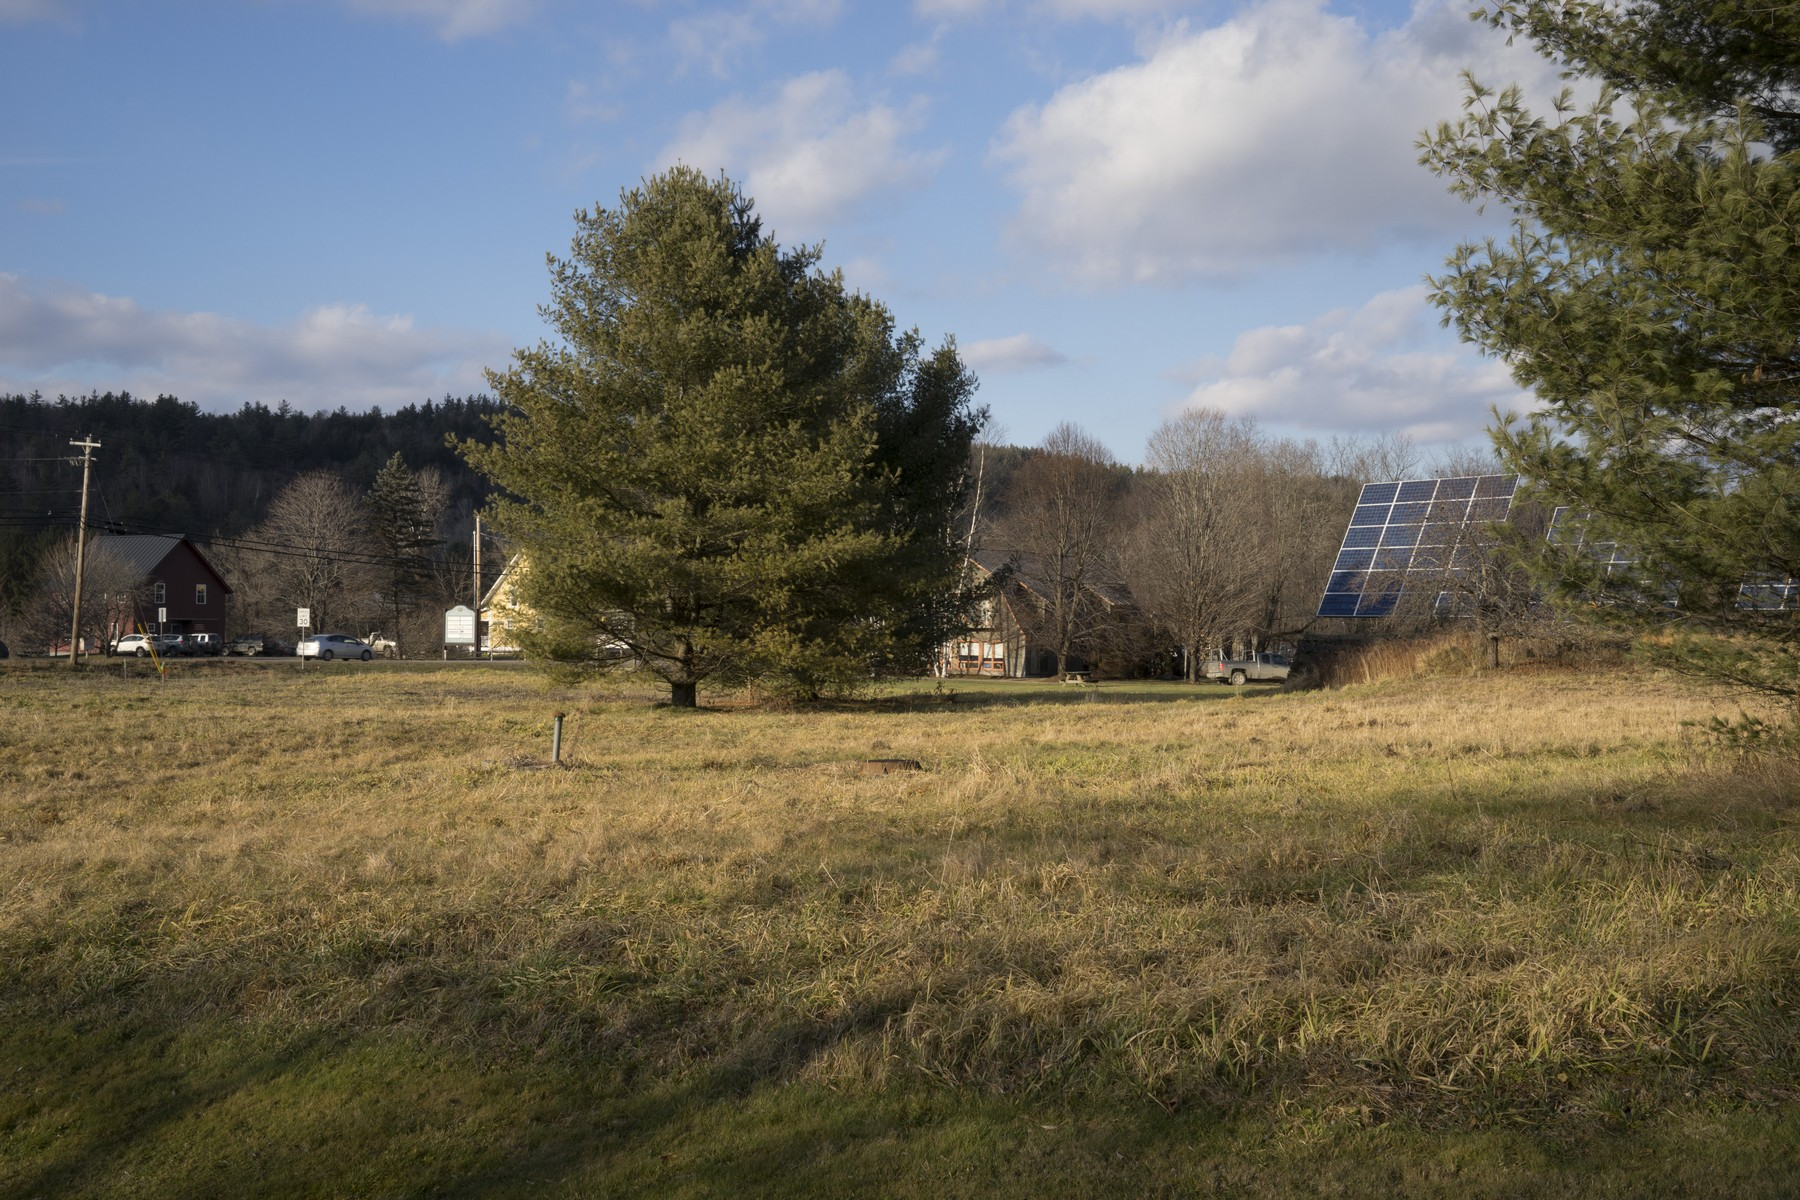 Đất đai vì Bán tại 0 Central Drive, Stowe Stowe, Vermont, 05672 Hoa Kỳ